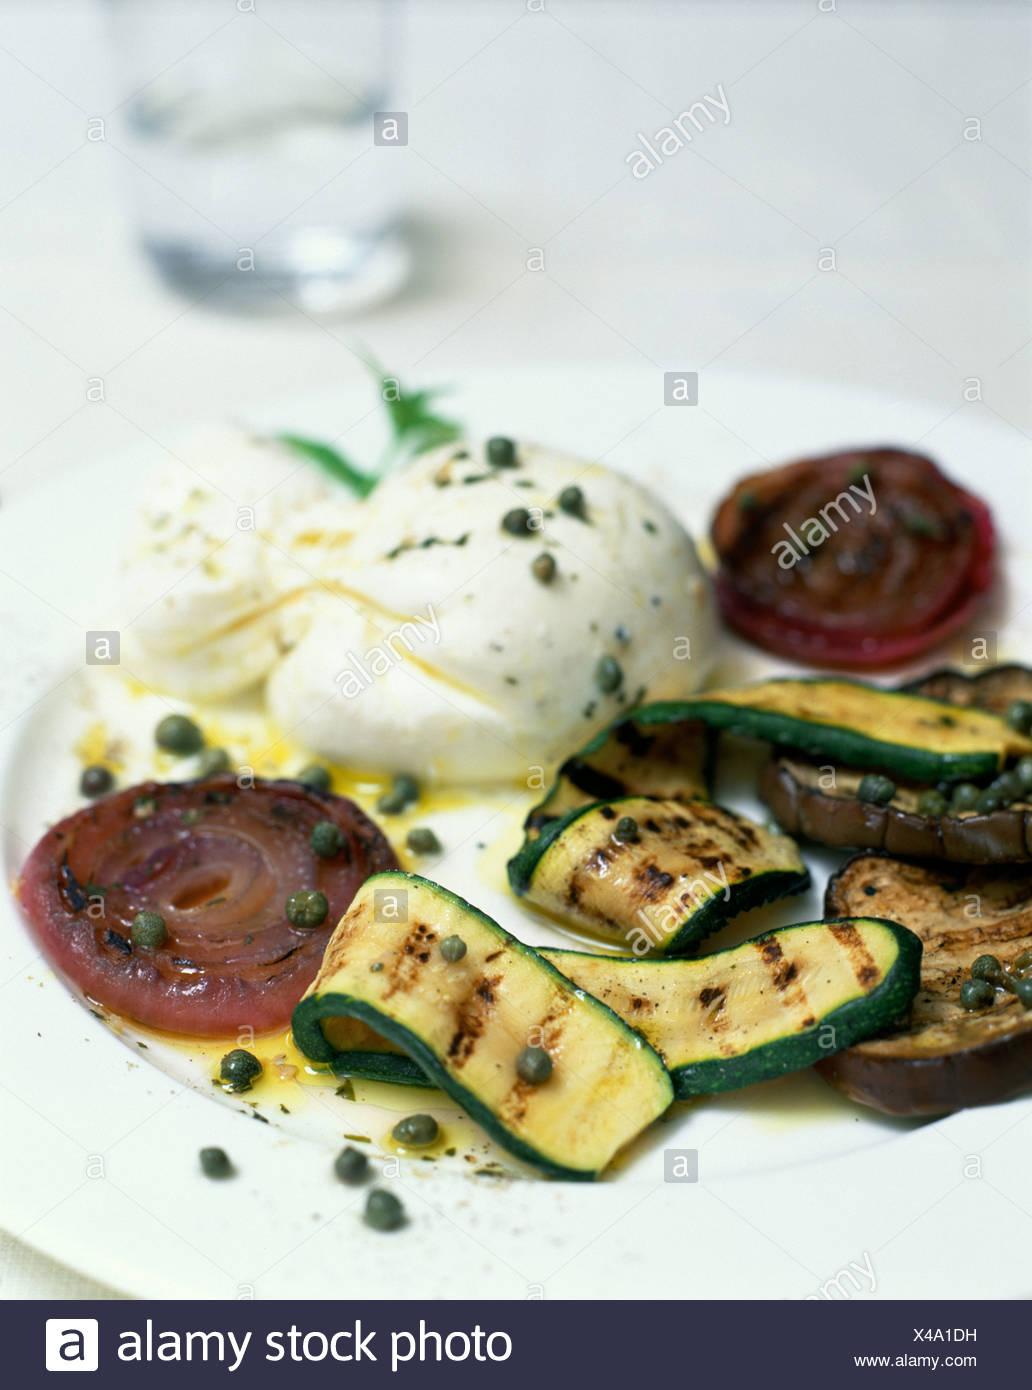 Le Goût de Venise image recadrée de tranches d'aubergine grillées et rubans de courgettes oignons rouges sur le dessus et arrosé de câpres Banque D'Images